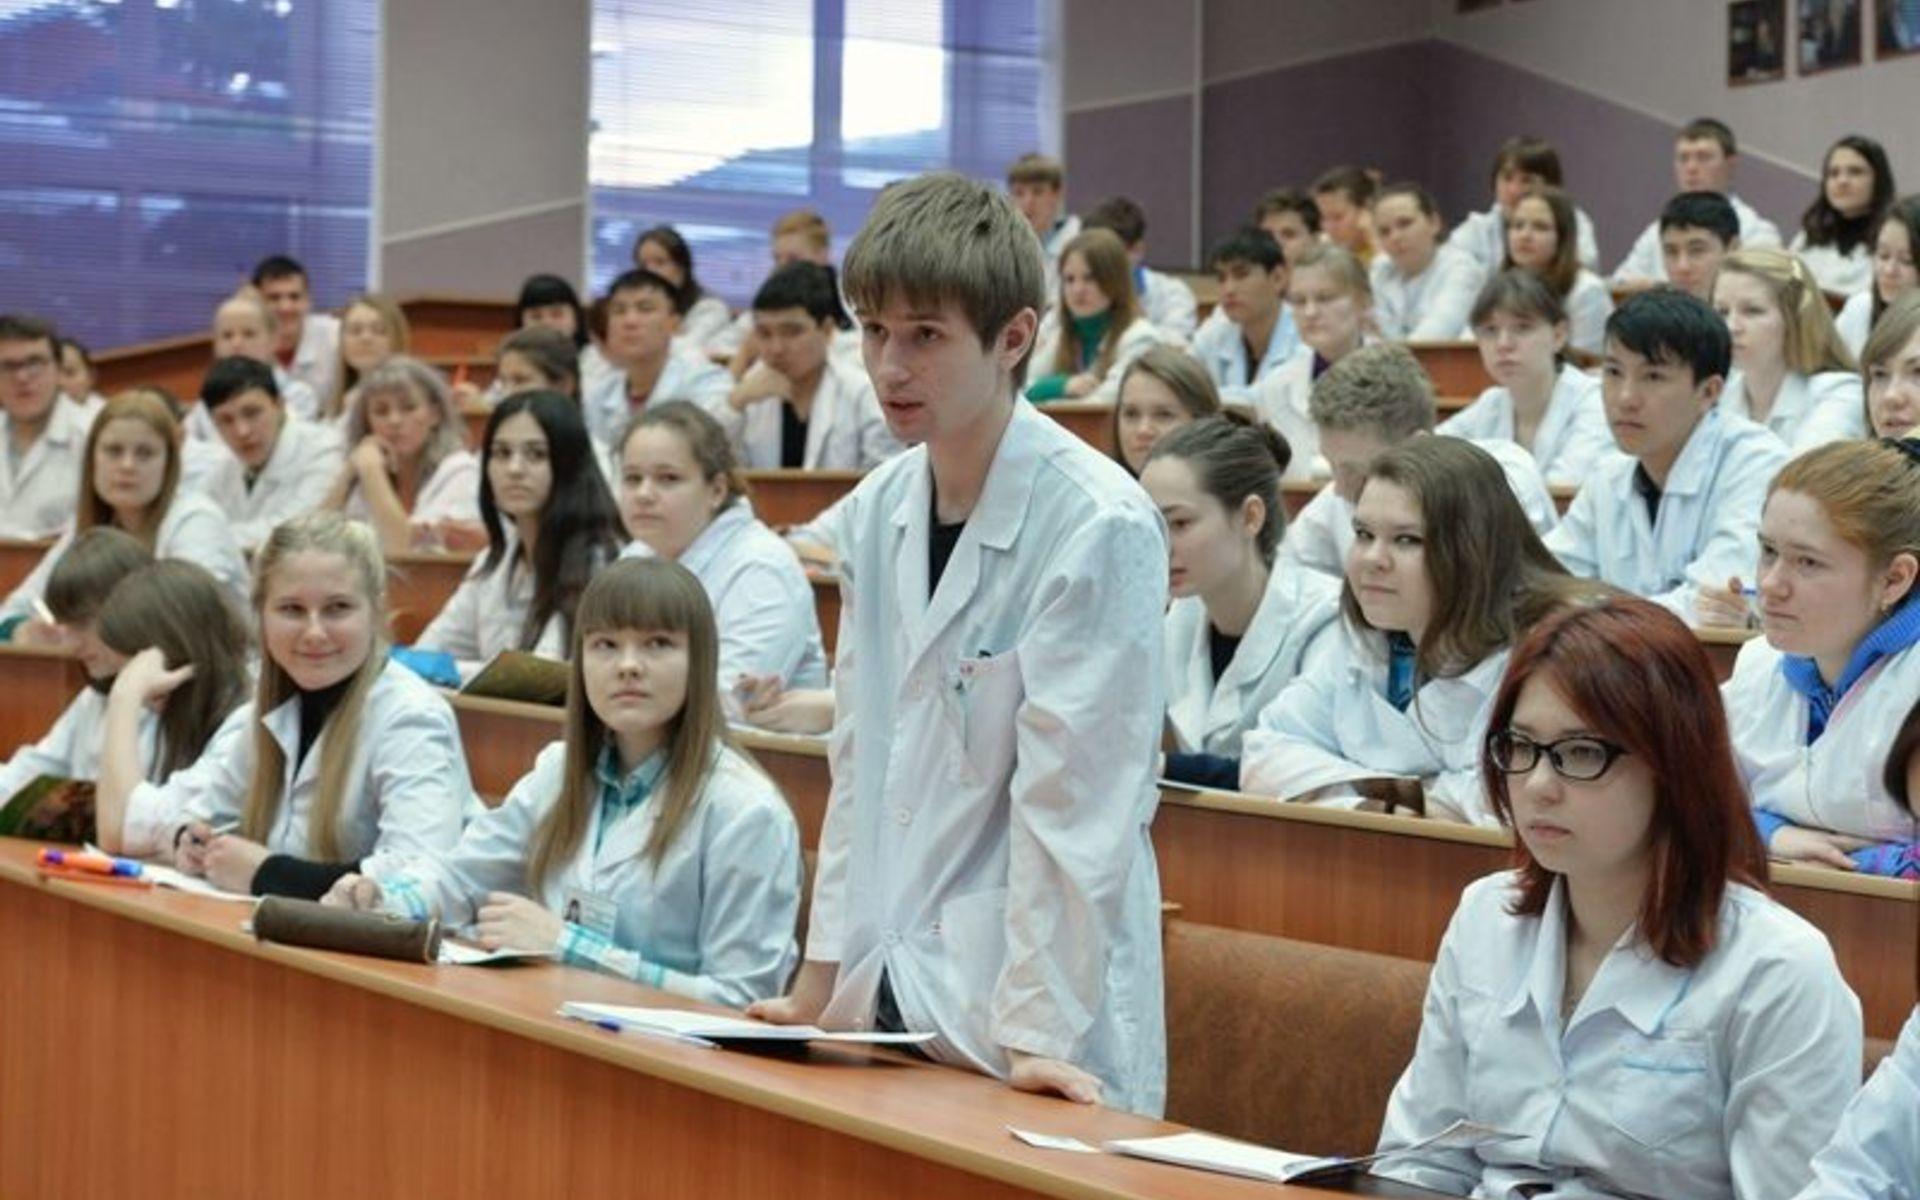 Директор Фонда профилактики рака Илья Фоминцев: 90% выпускников медвузов гарантированно убили бы своих пациентов